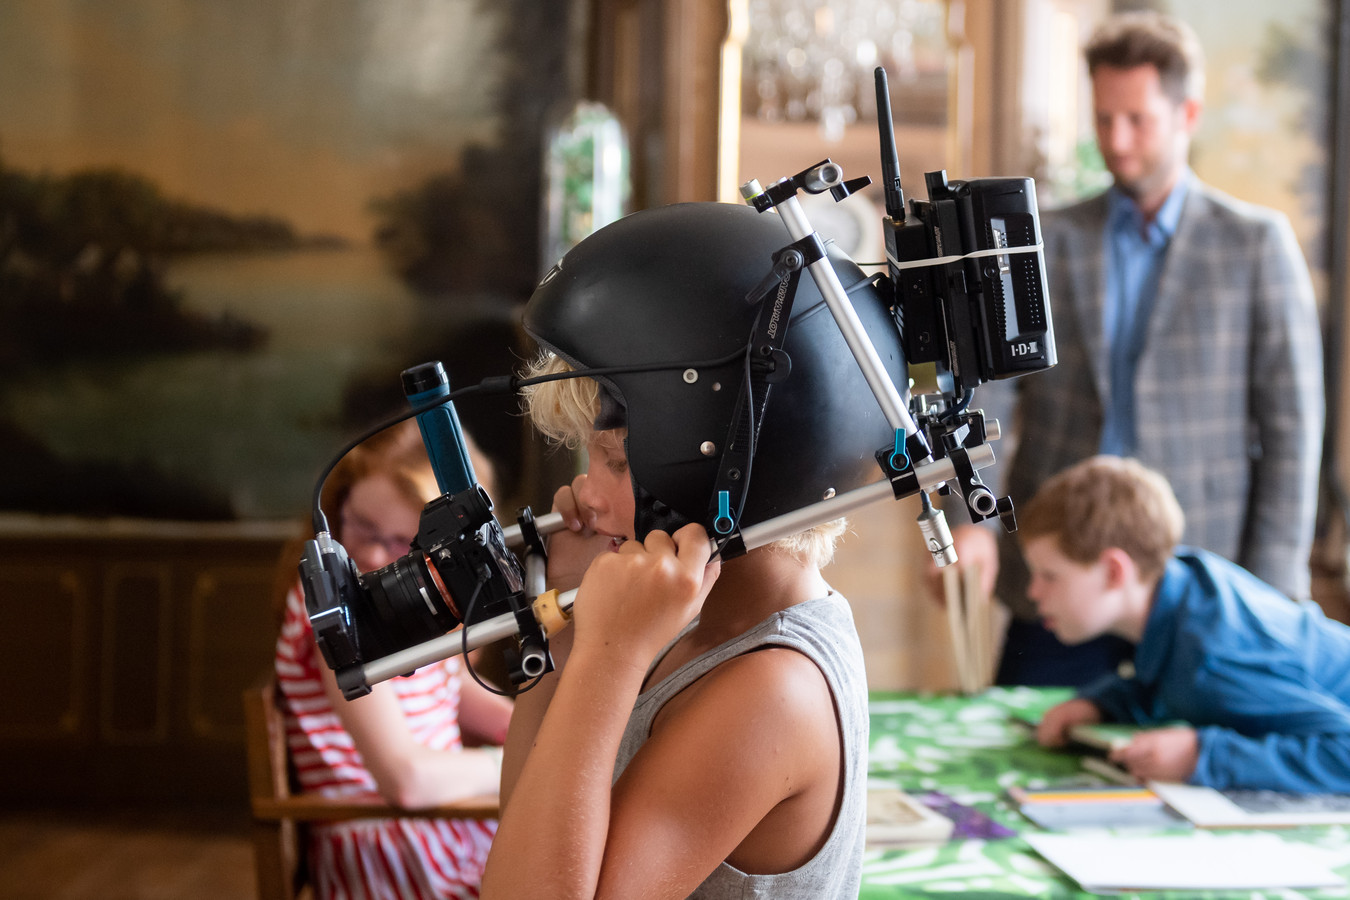 Augustus 2019: in de pastorie in Zundert zijn opnamen aan gang voor Becoming Vincent. Hoofdrolspeler Boet krijgt er een speciale camerahelm